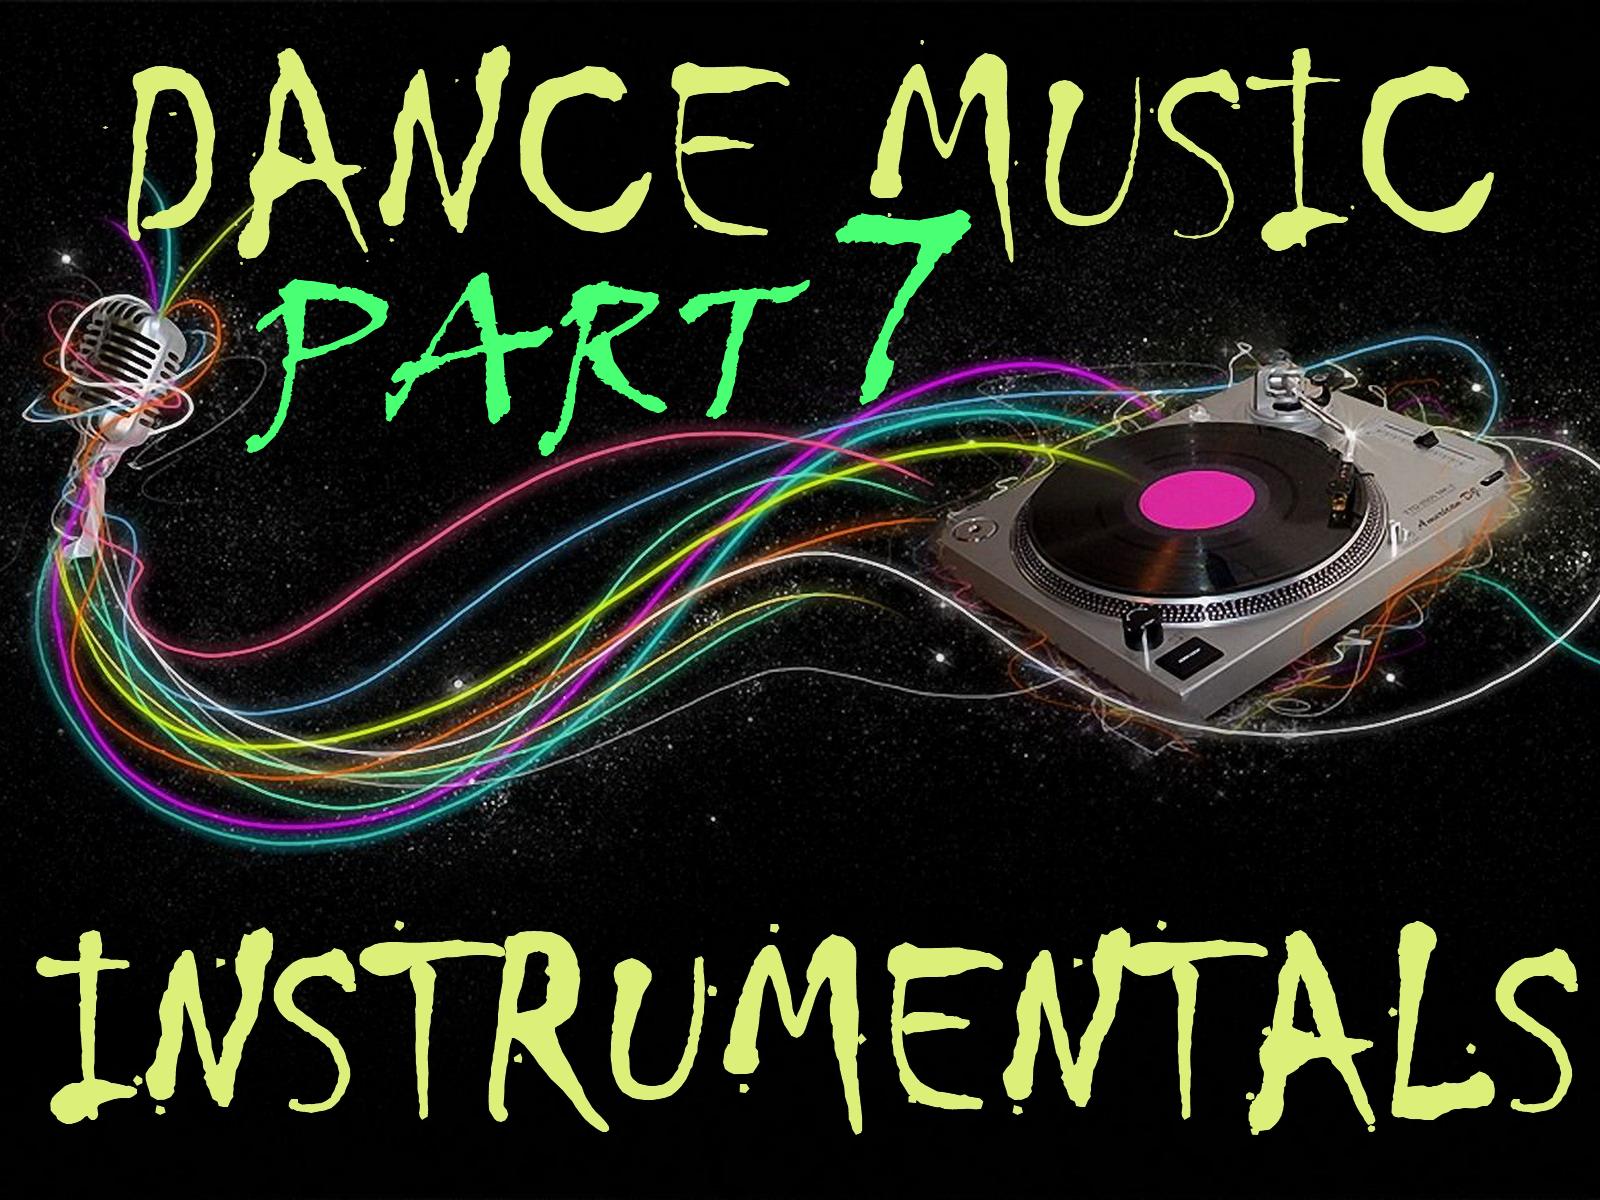 http://1.bp.blogspot.com/_T6BsOX4CfxA/S-_-XjFtWYI/AAAAAAAAA28/8V-UMX8qS24/s1600/DANCE+MUSIC+INSTRUMENTALS+7+PNG.png